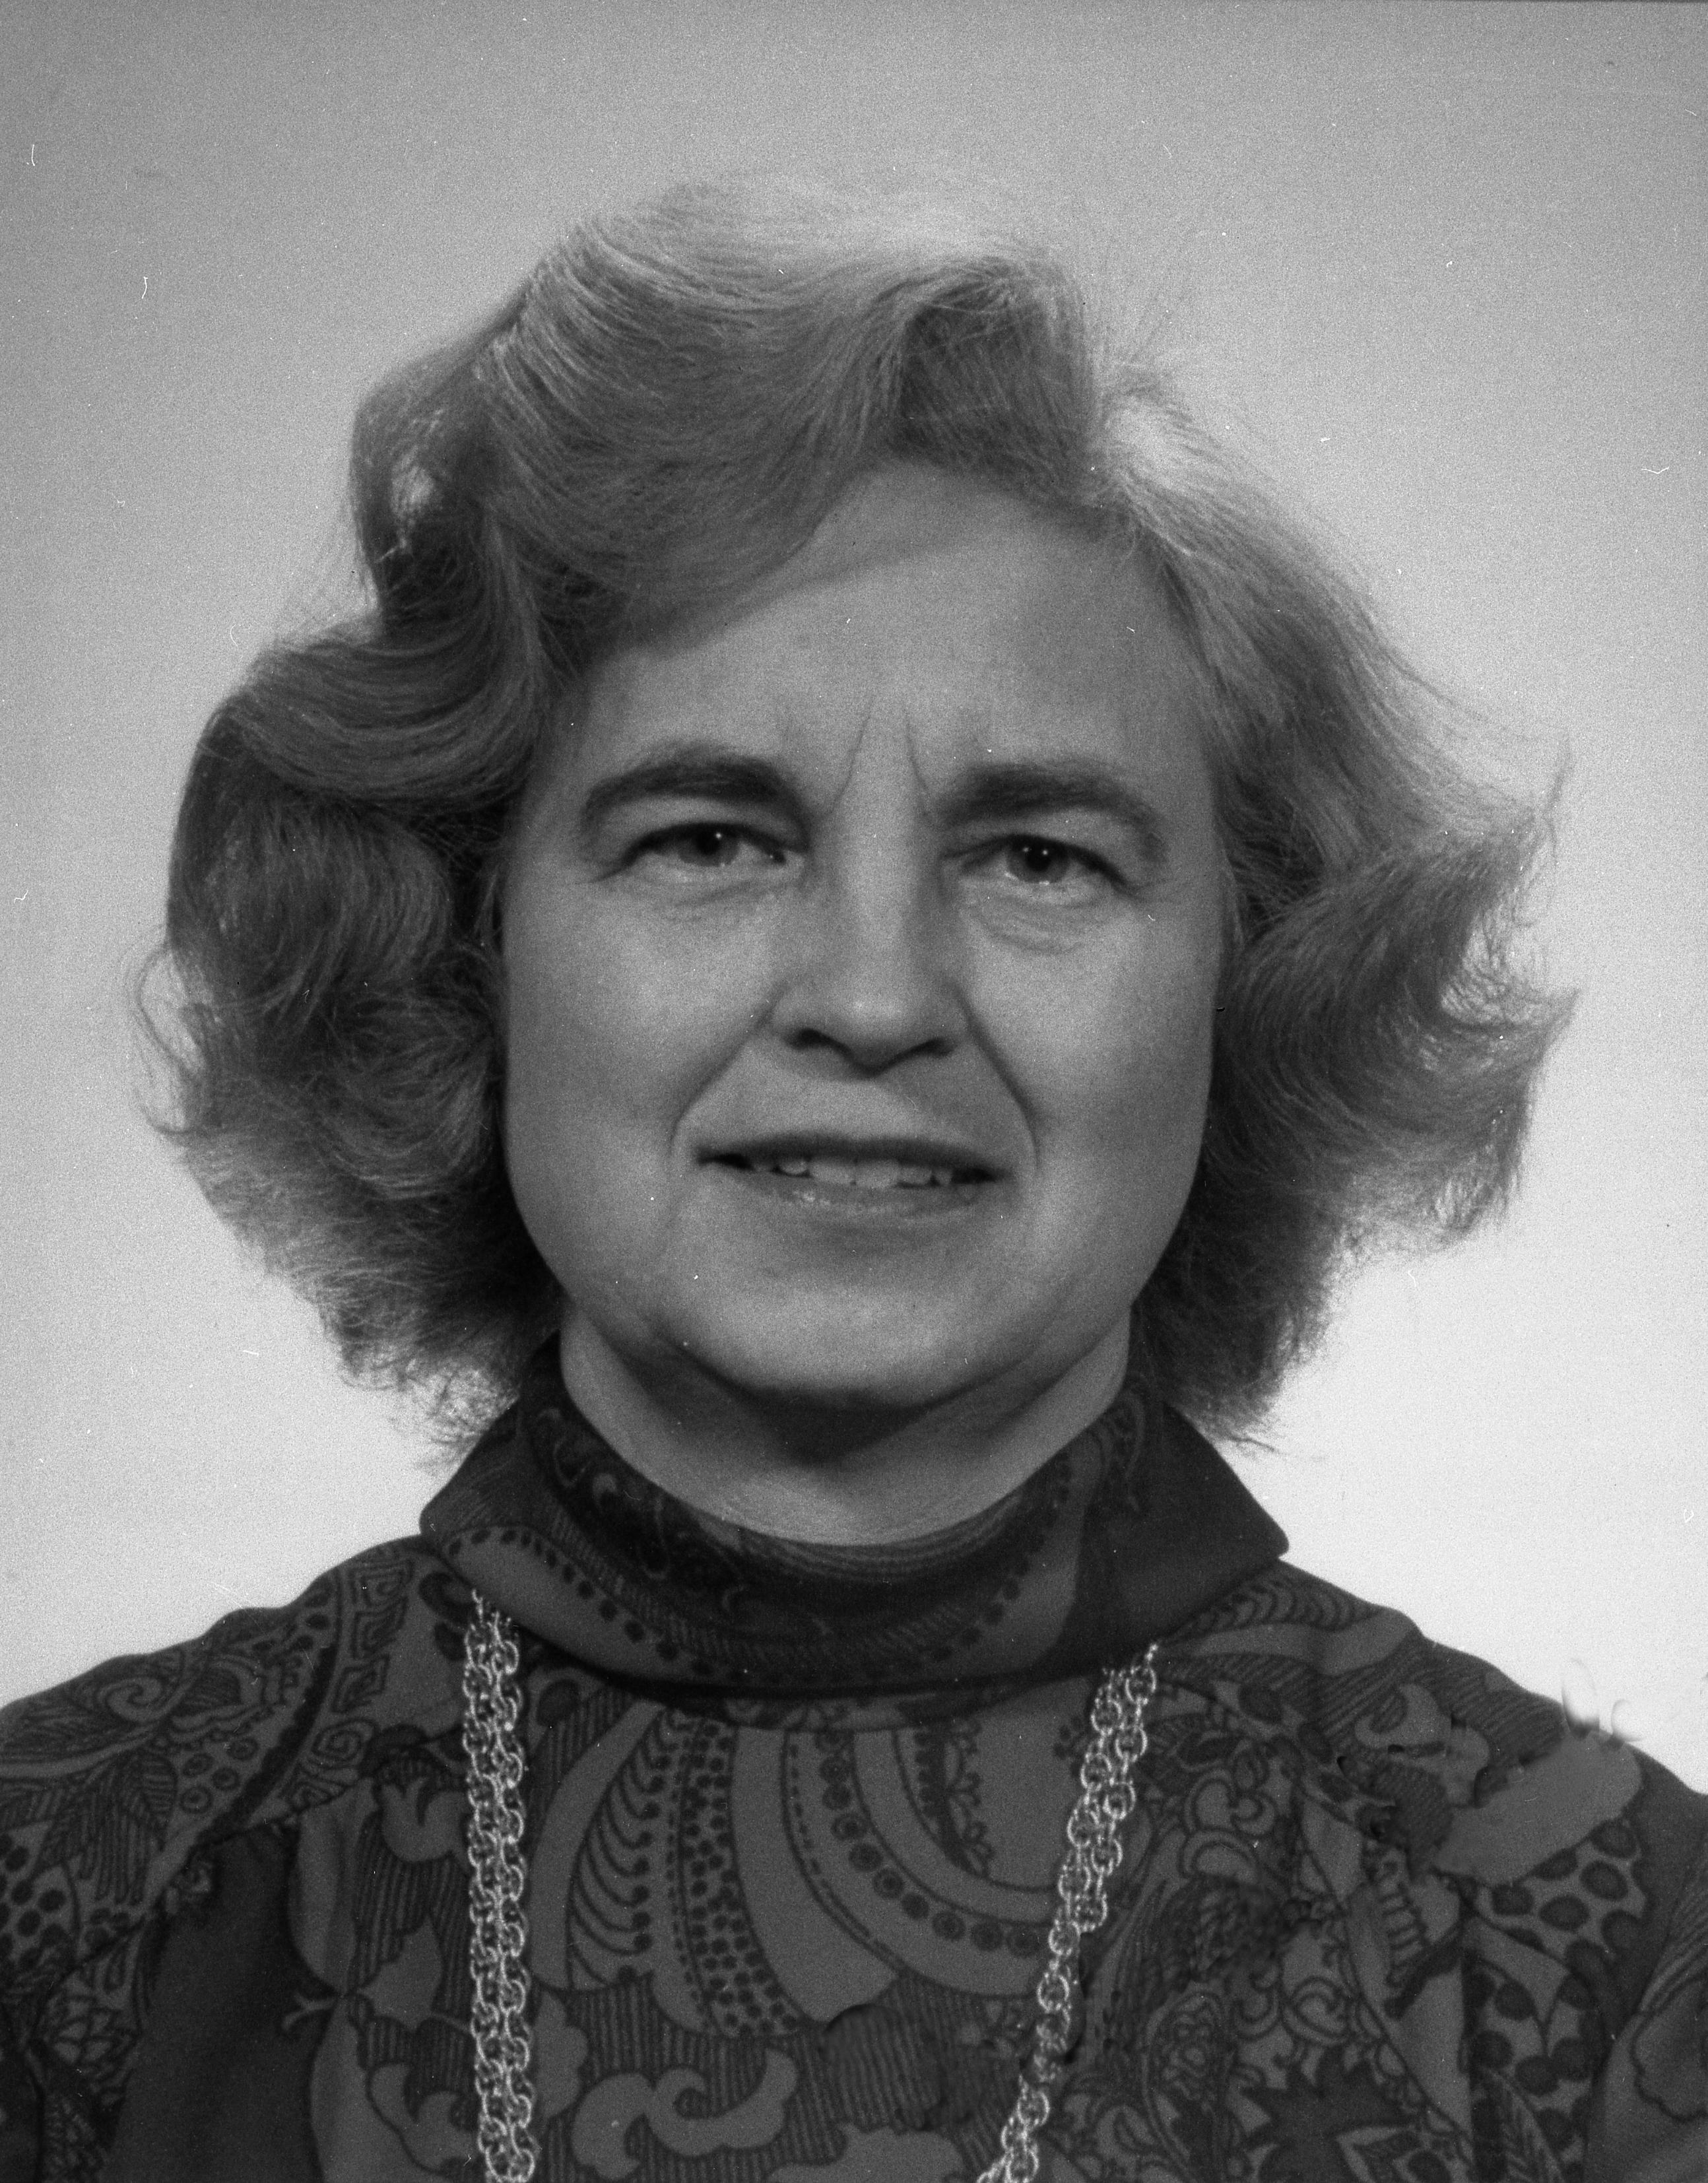 Isabella Karle